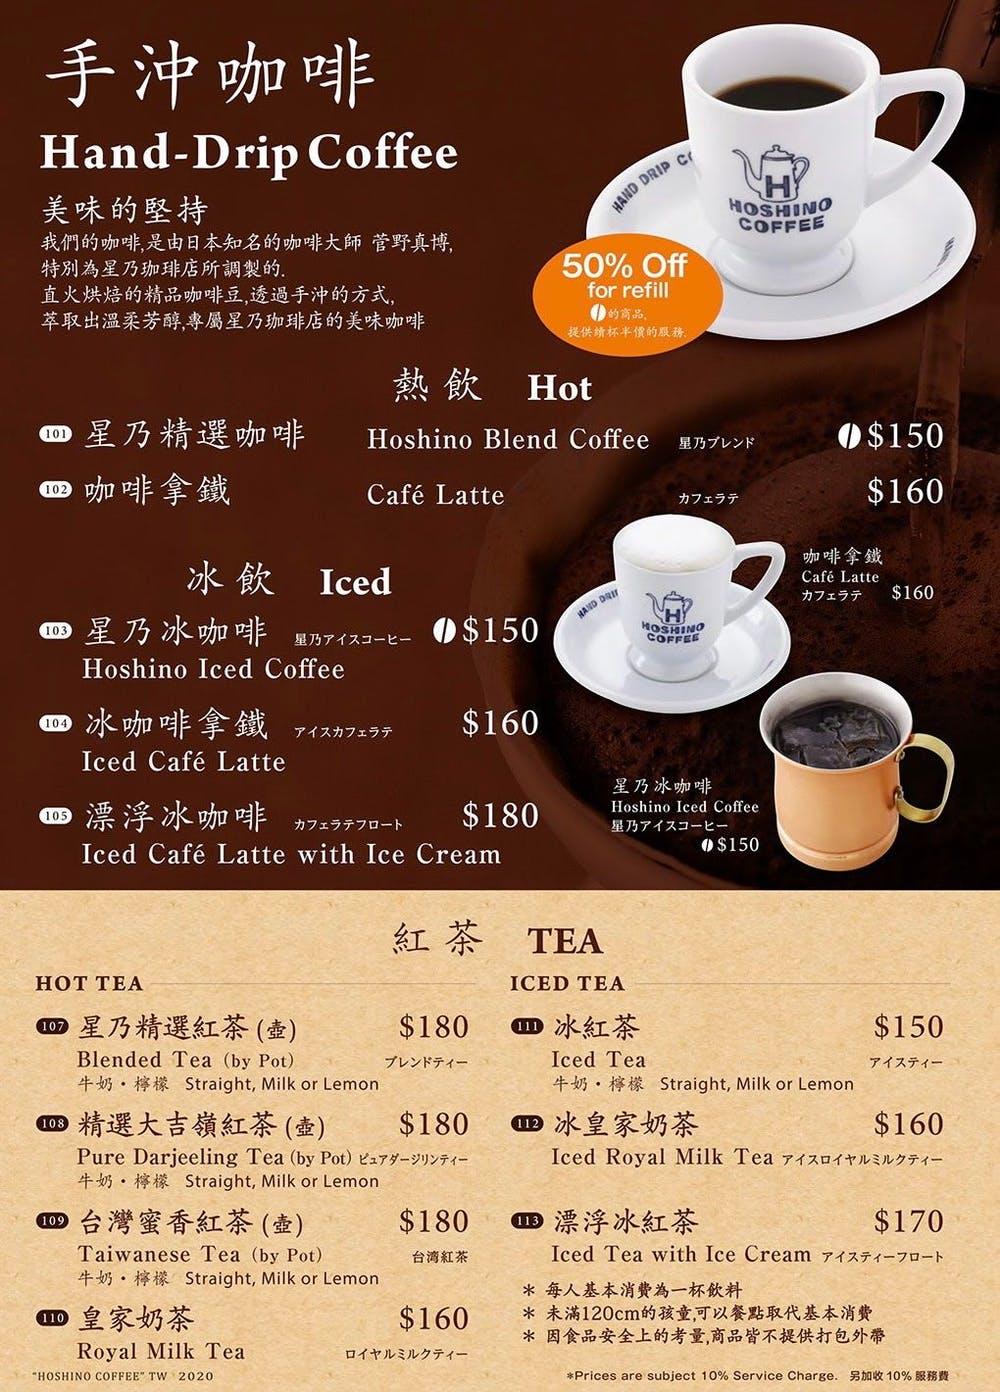 台北中山 星乃珈琲店 HOSHINO COFFEE:來自日本人氣舒芙蕾甜點,台北新光南西四樓 @飛天璇的口袋